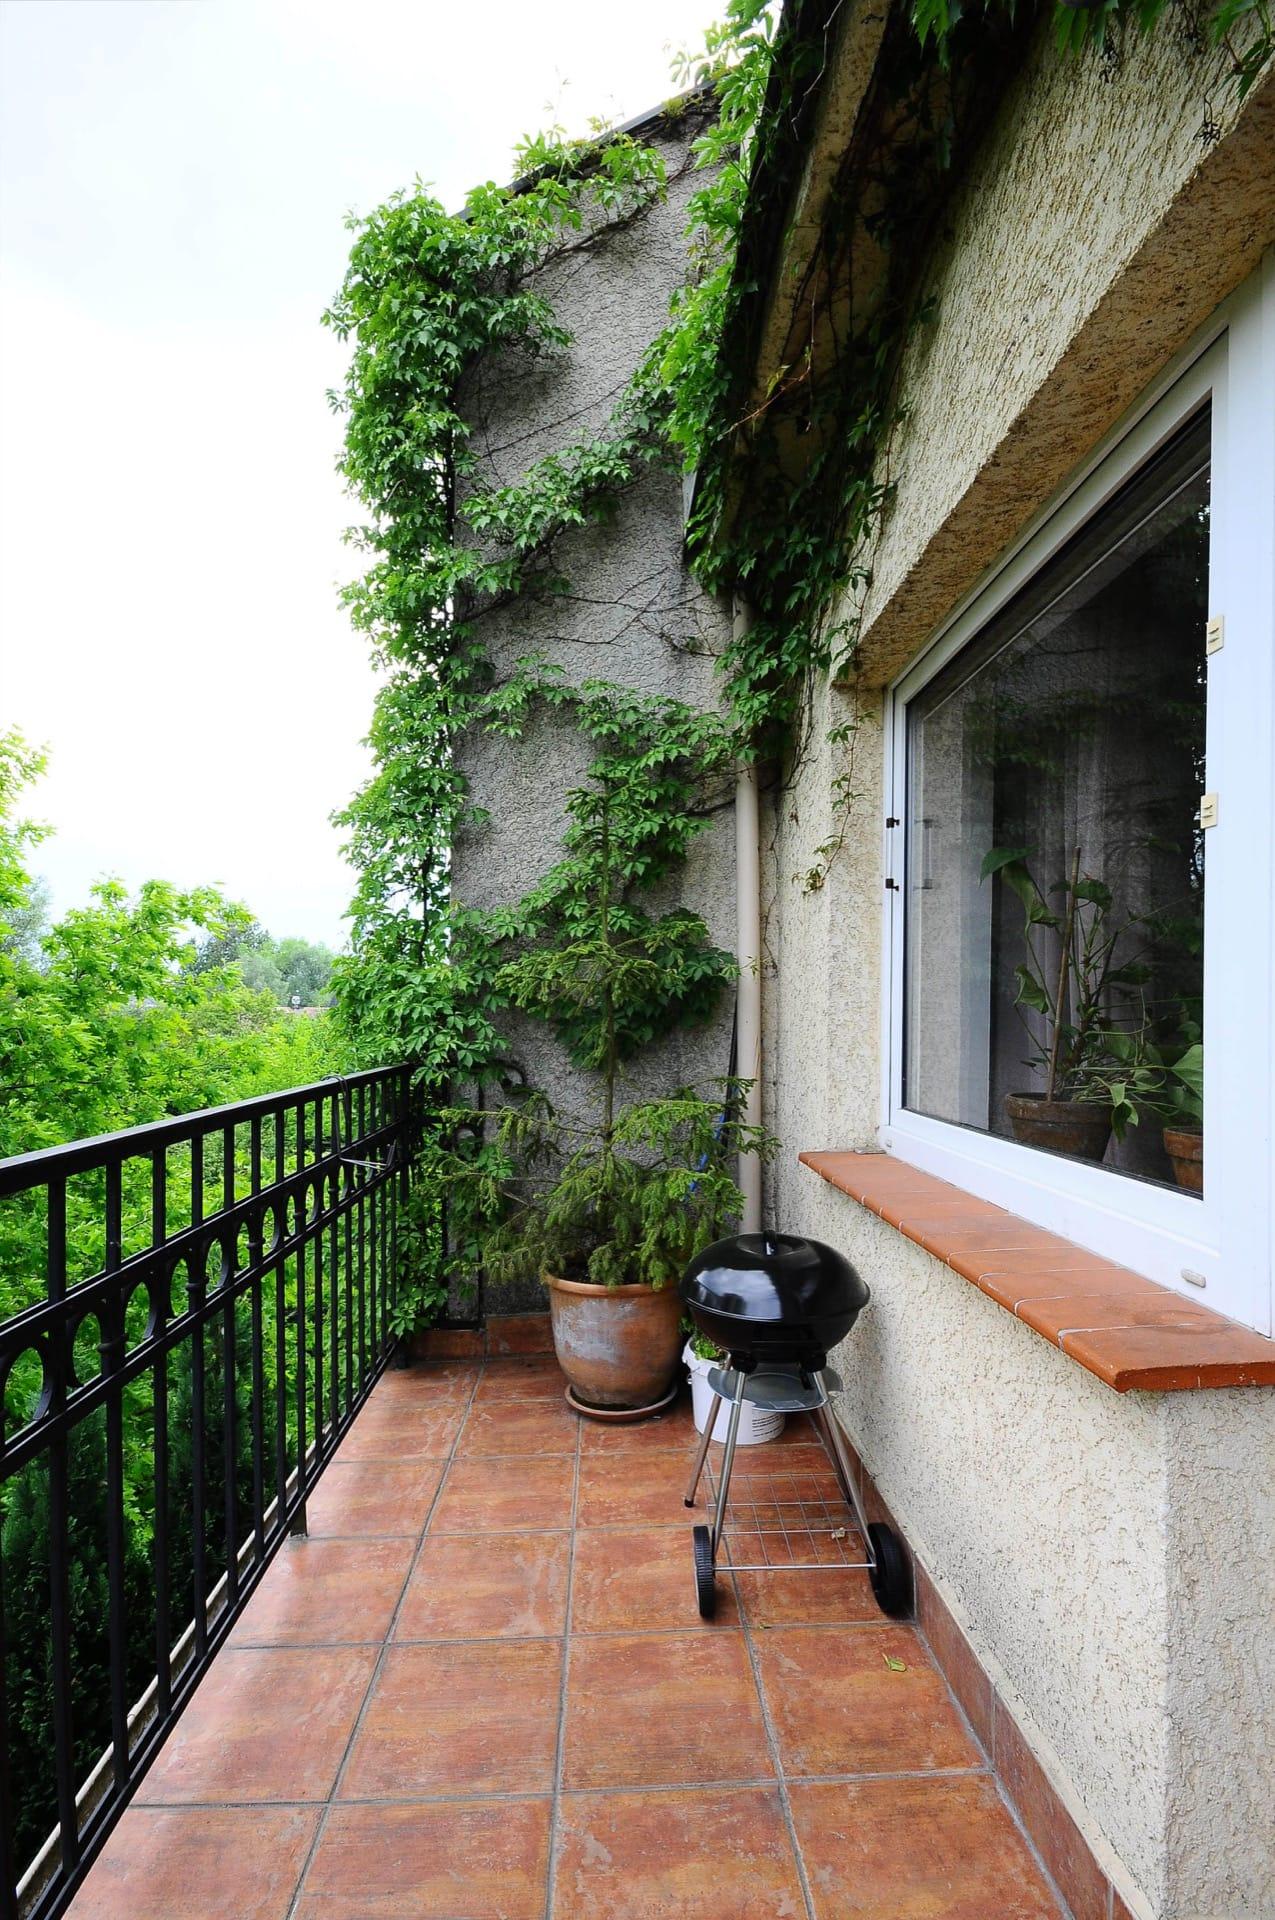 Wiewiorcza-dwiesypalnie-balkon12